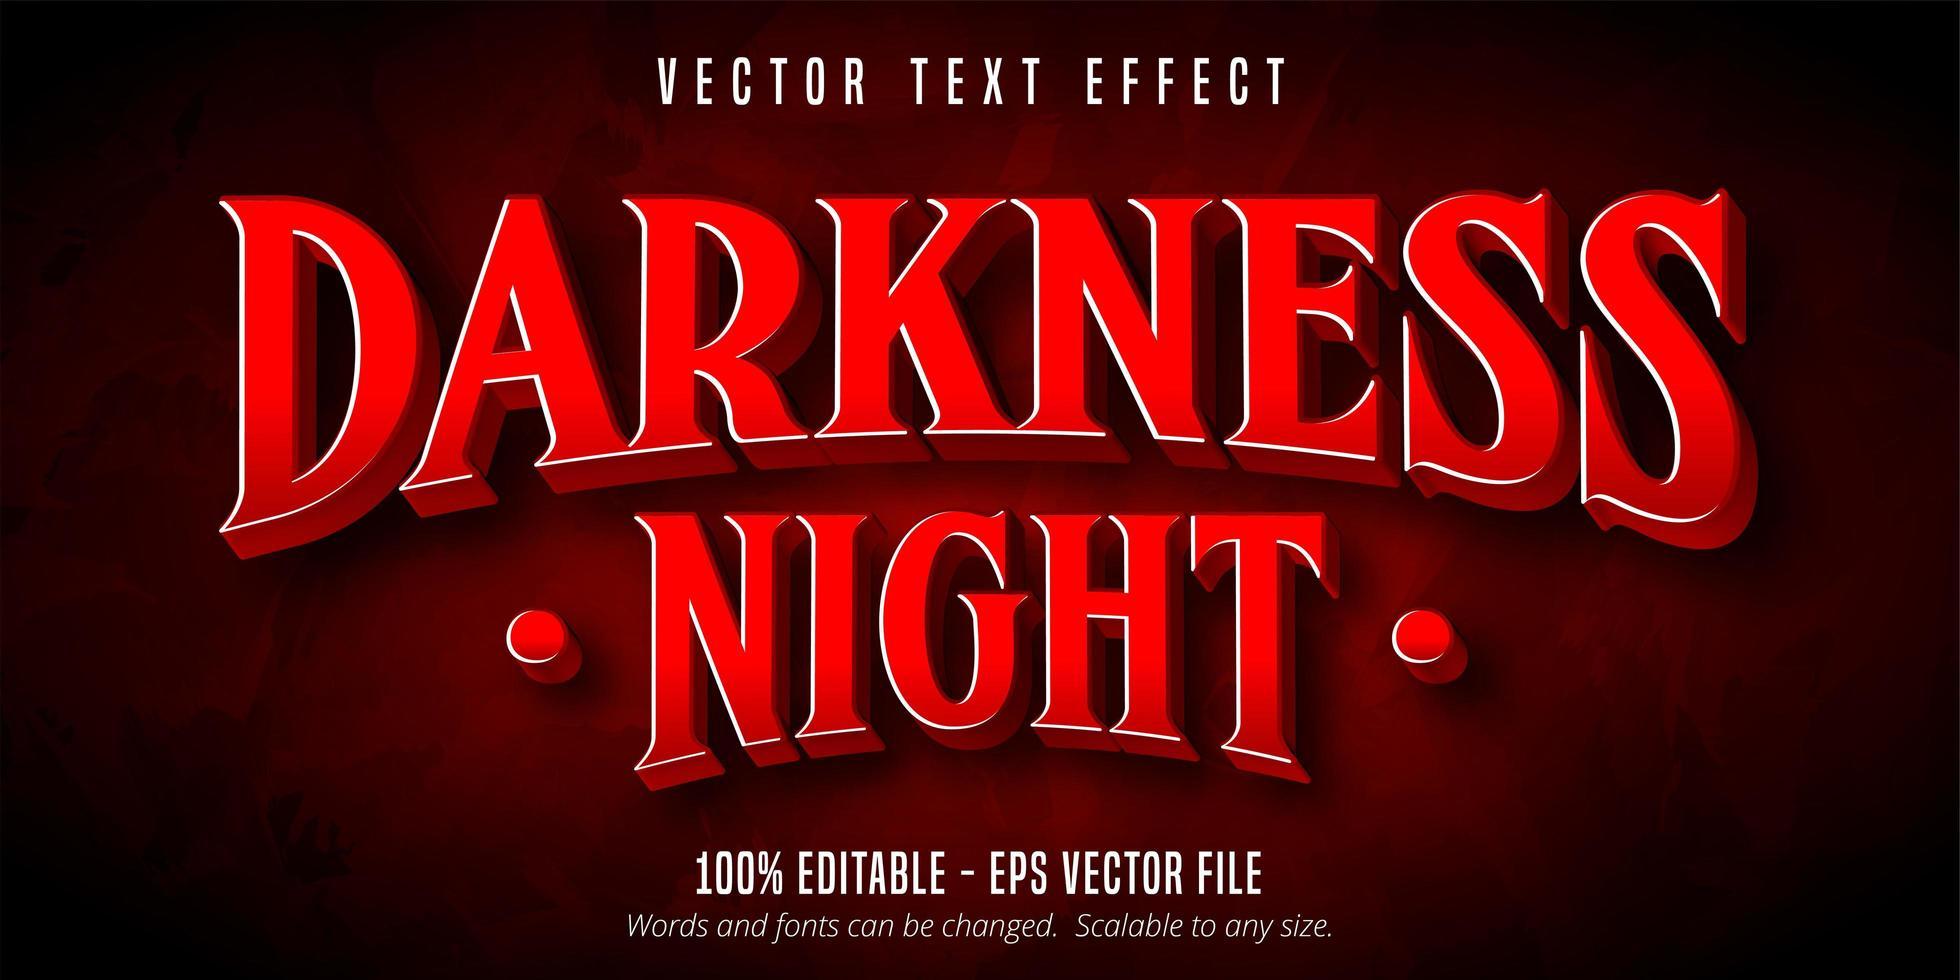 mörk natt text, spel stil text effekt vektor